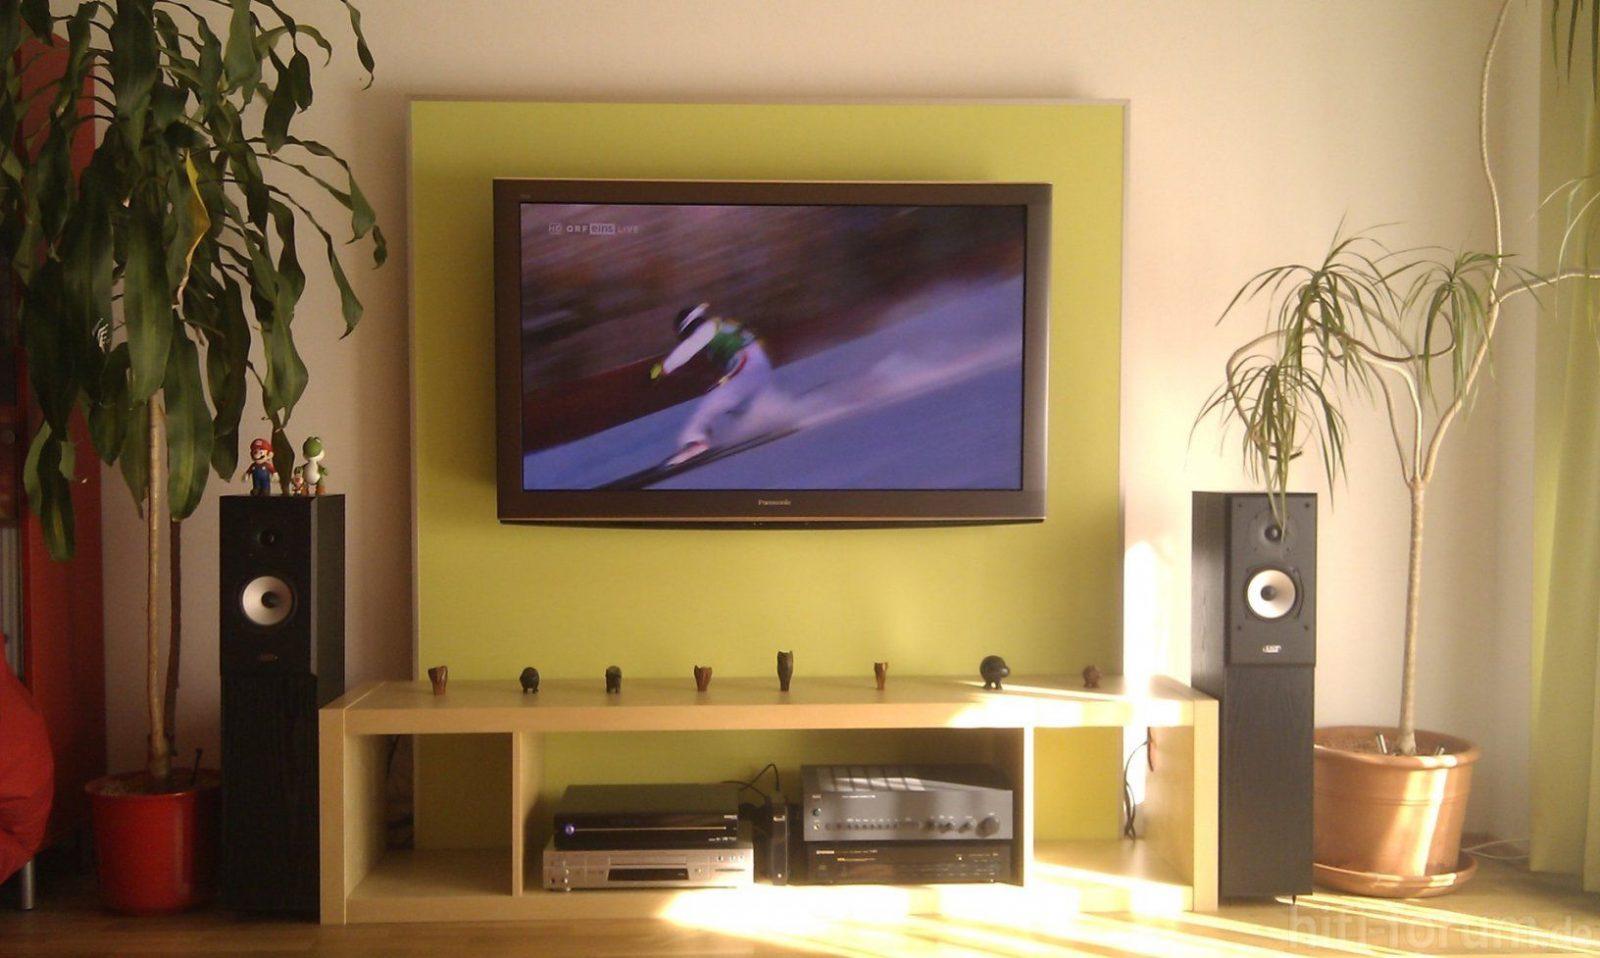 Wandhalterung Tv Kabel Verstecken Mit Fernseher An Der Wand von Tv An Wand Kabel Verstecken Photo